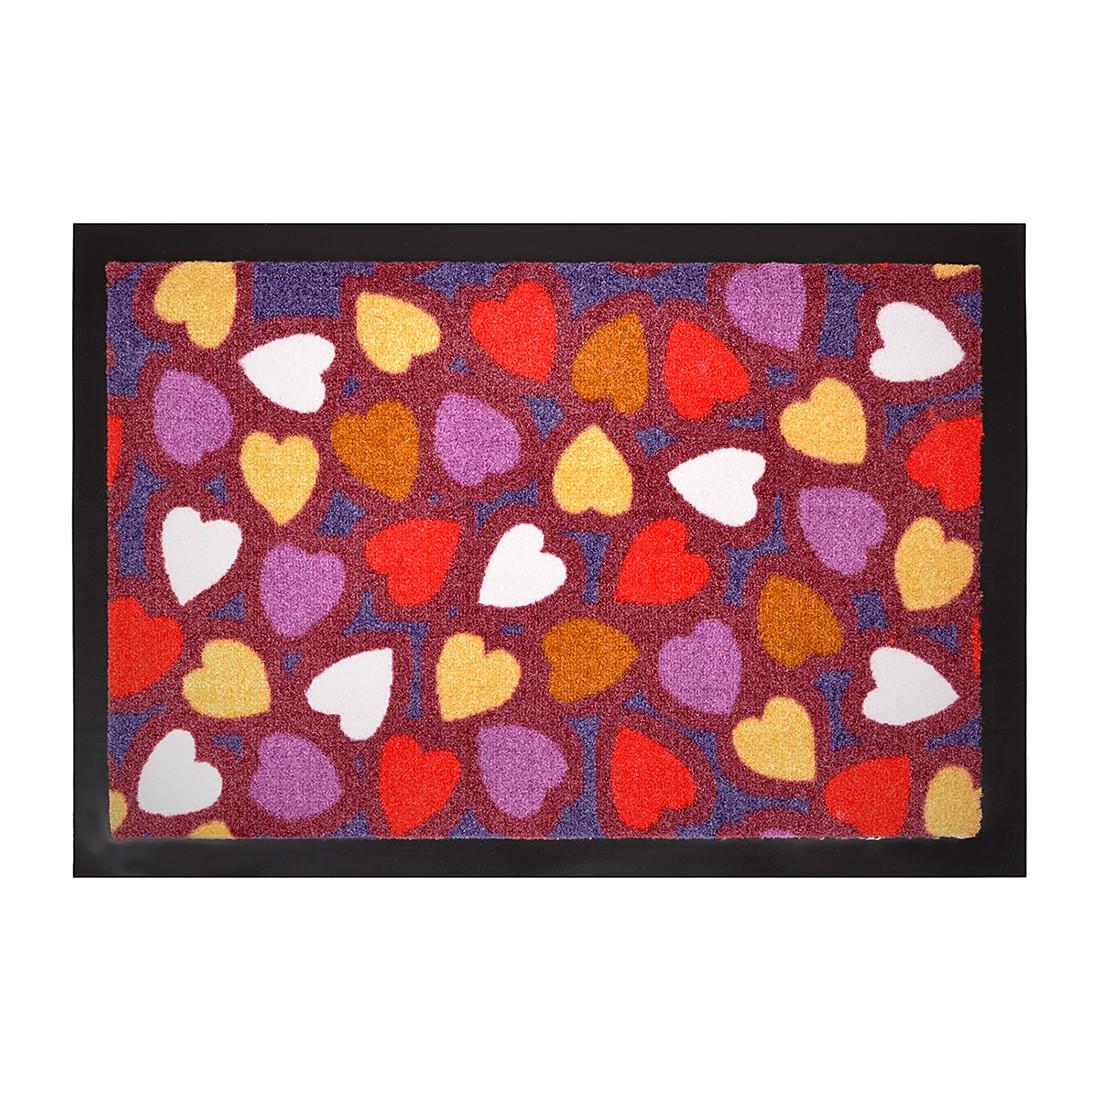 Fußmatte Printy Hearts – Mehrfarbig – 40 x 60 cm, Hanse Home Collection günstig online kaufen